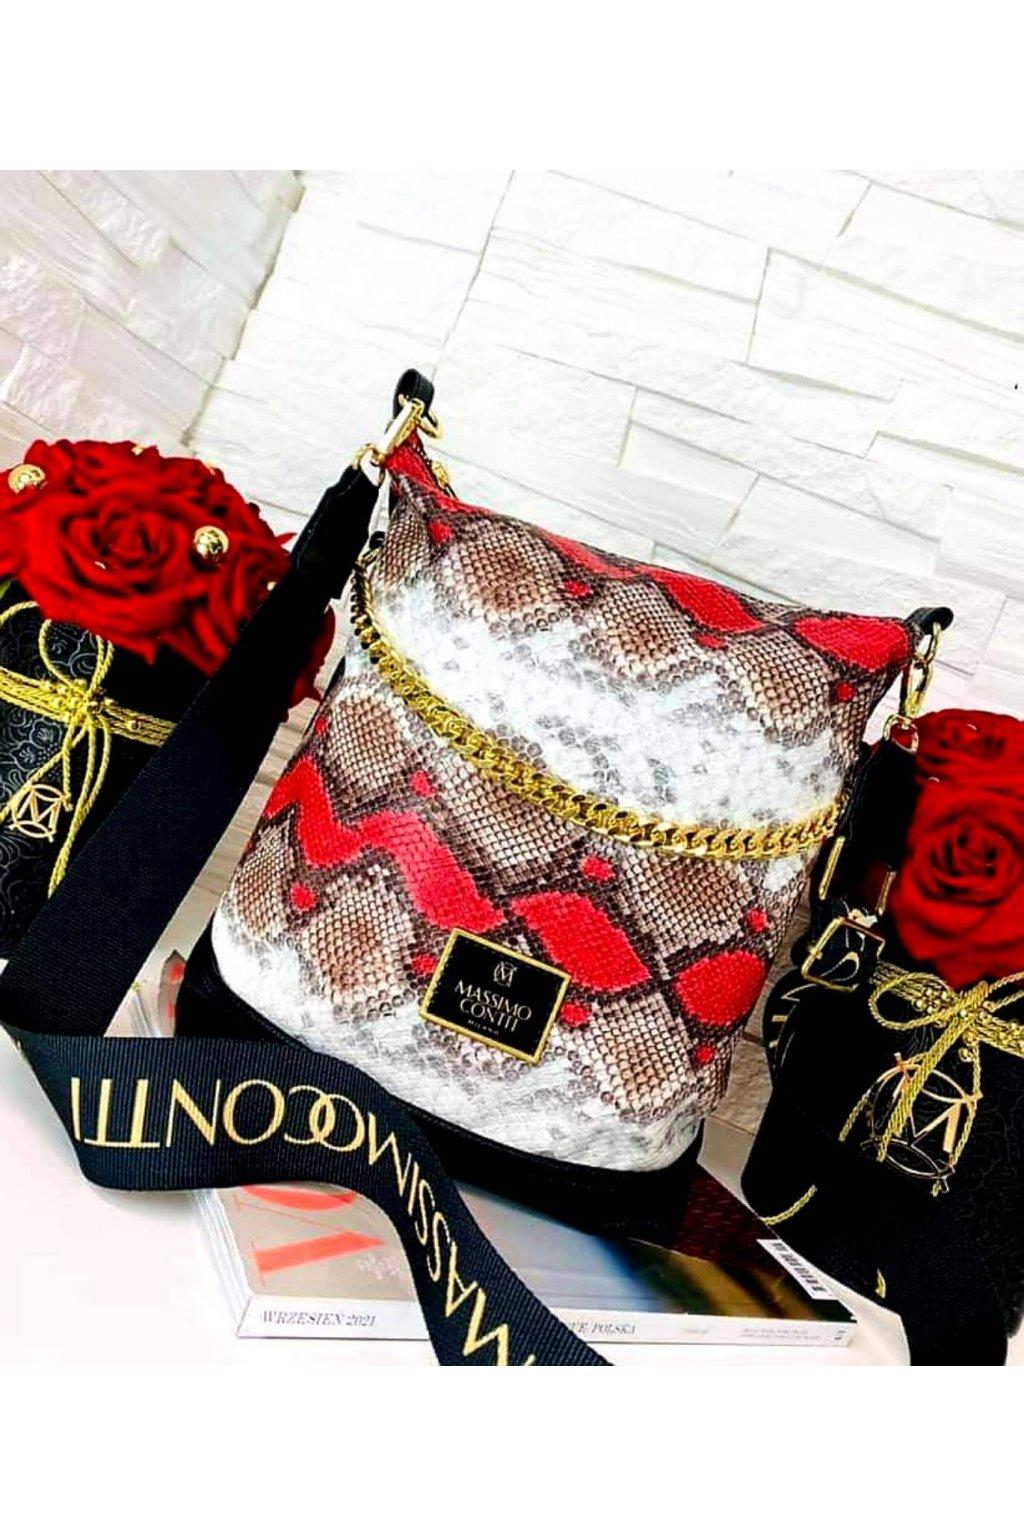 kabelka Massimo Contti odlehčená luxusní kabelka crossbody s řetězem mix